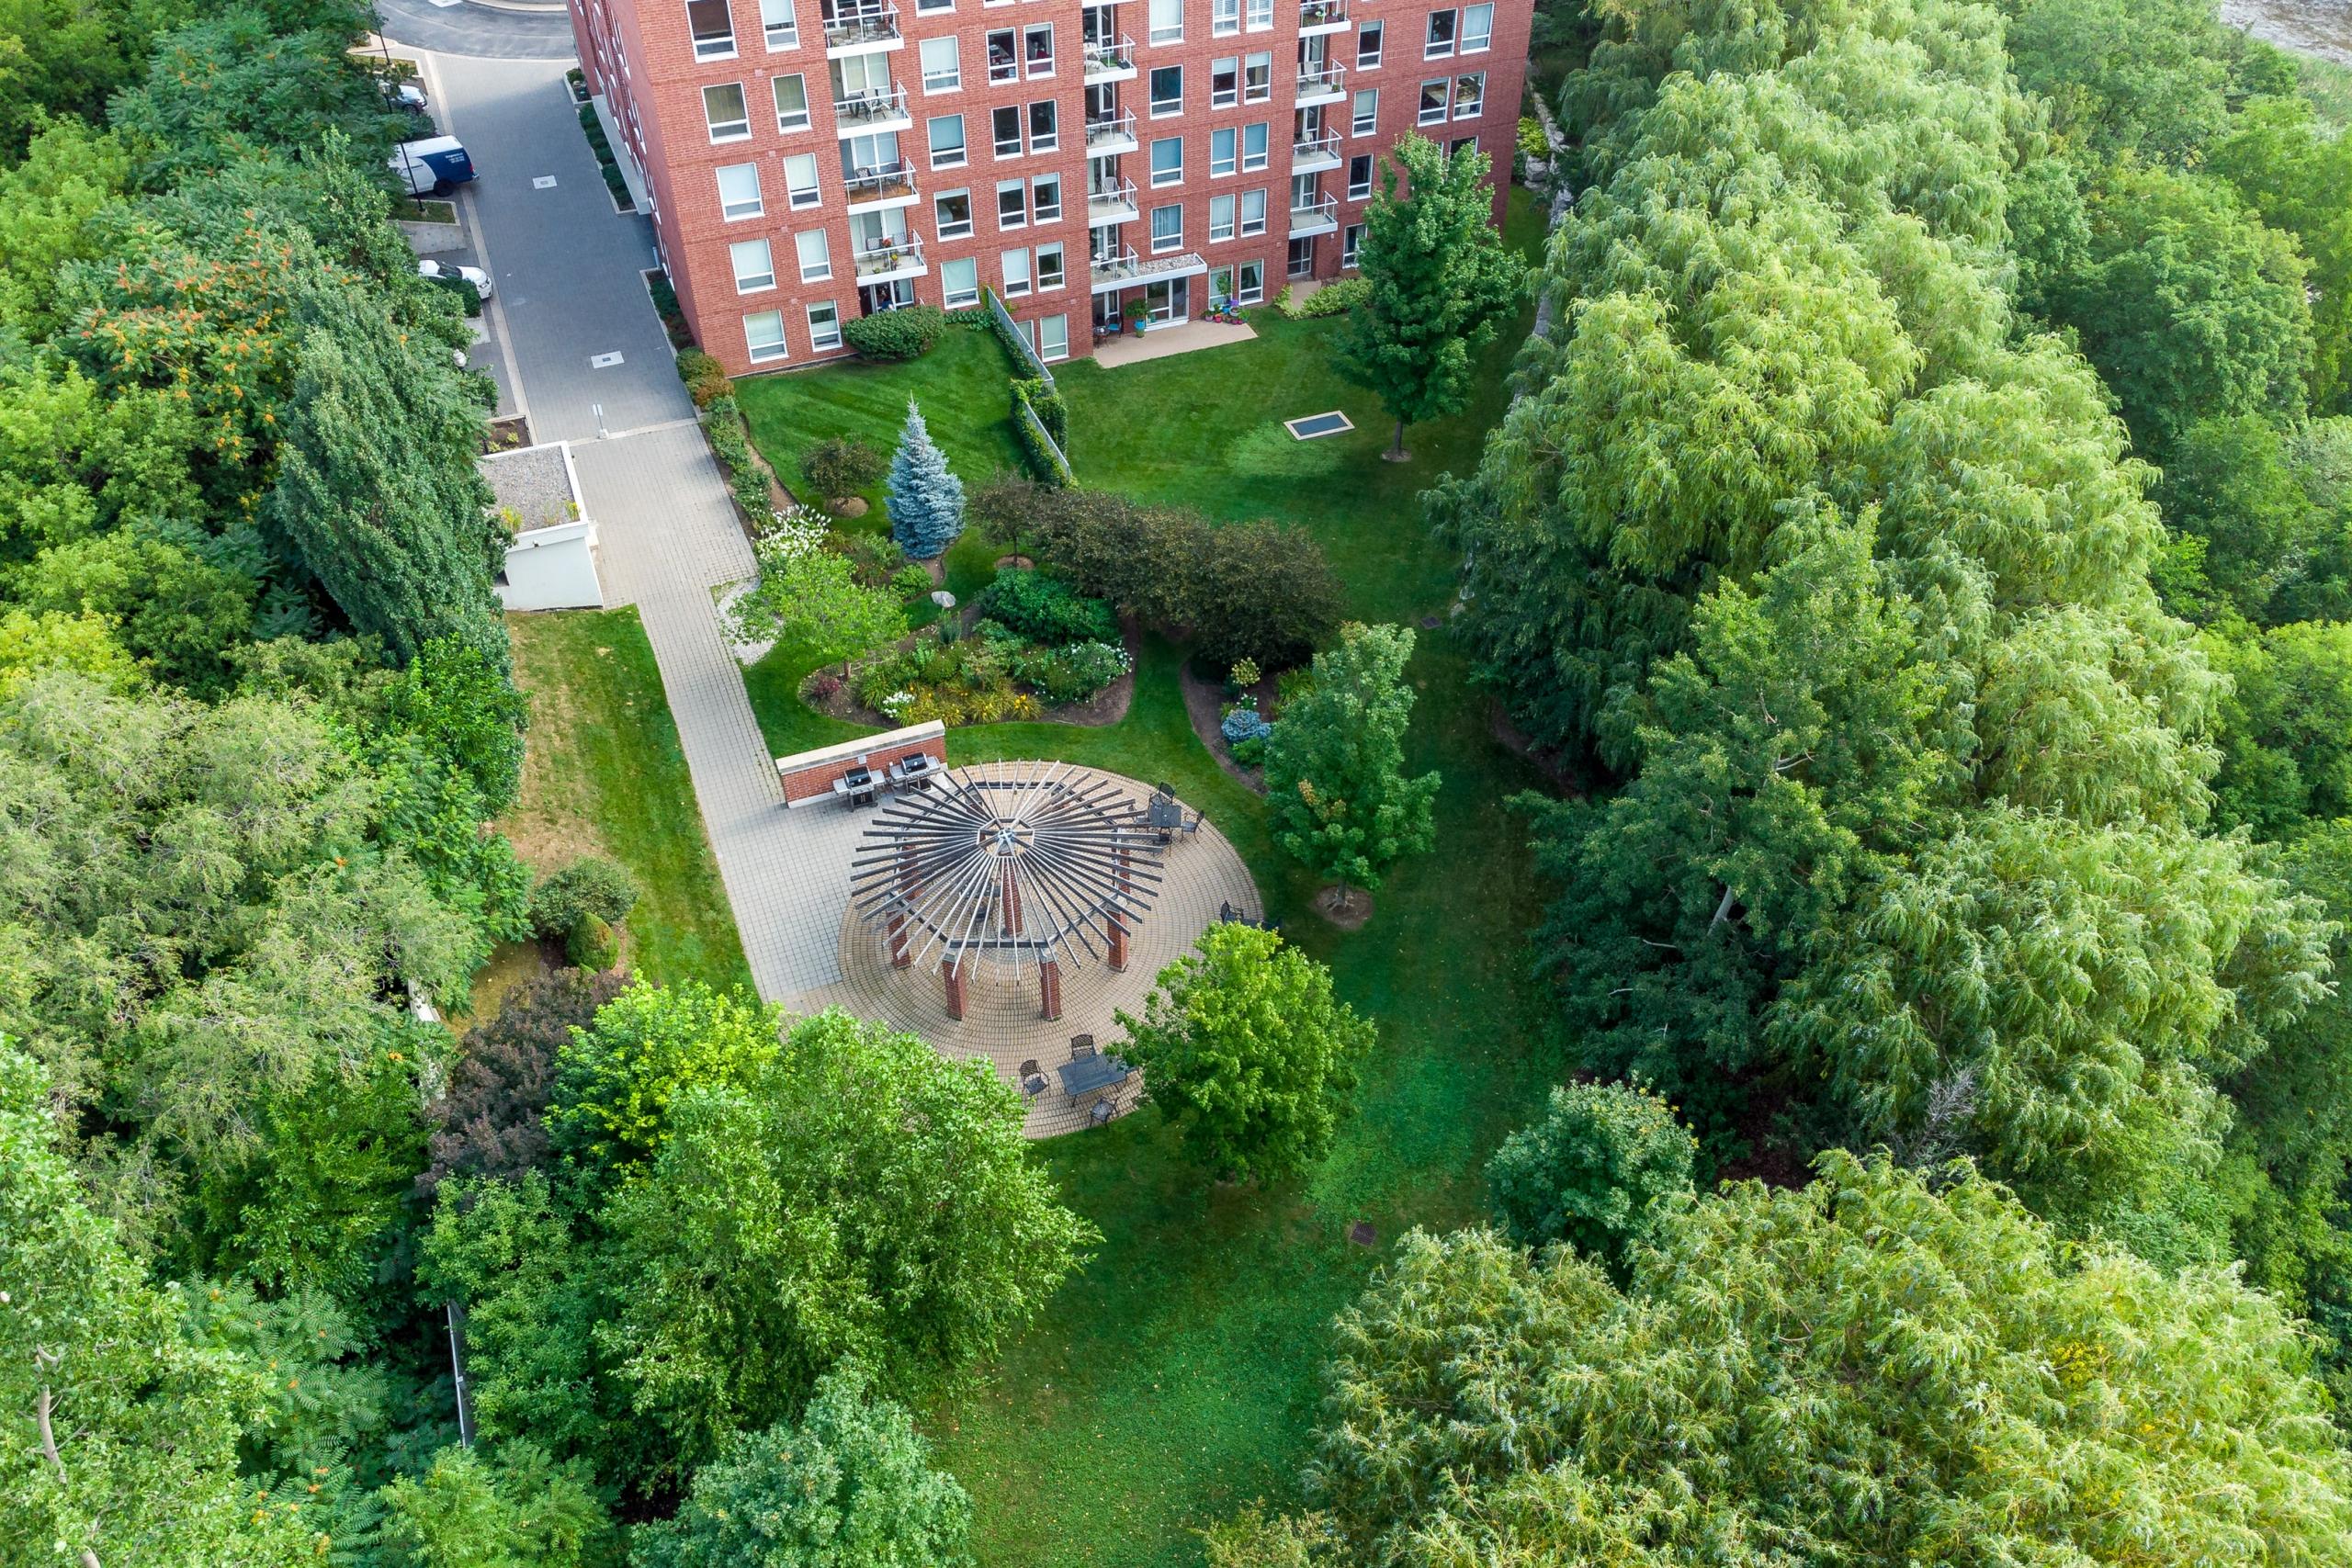 Garden featured at 508-40 Old Mill Road, Oakville at Alex Irish & Associates